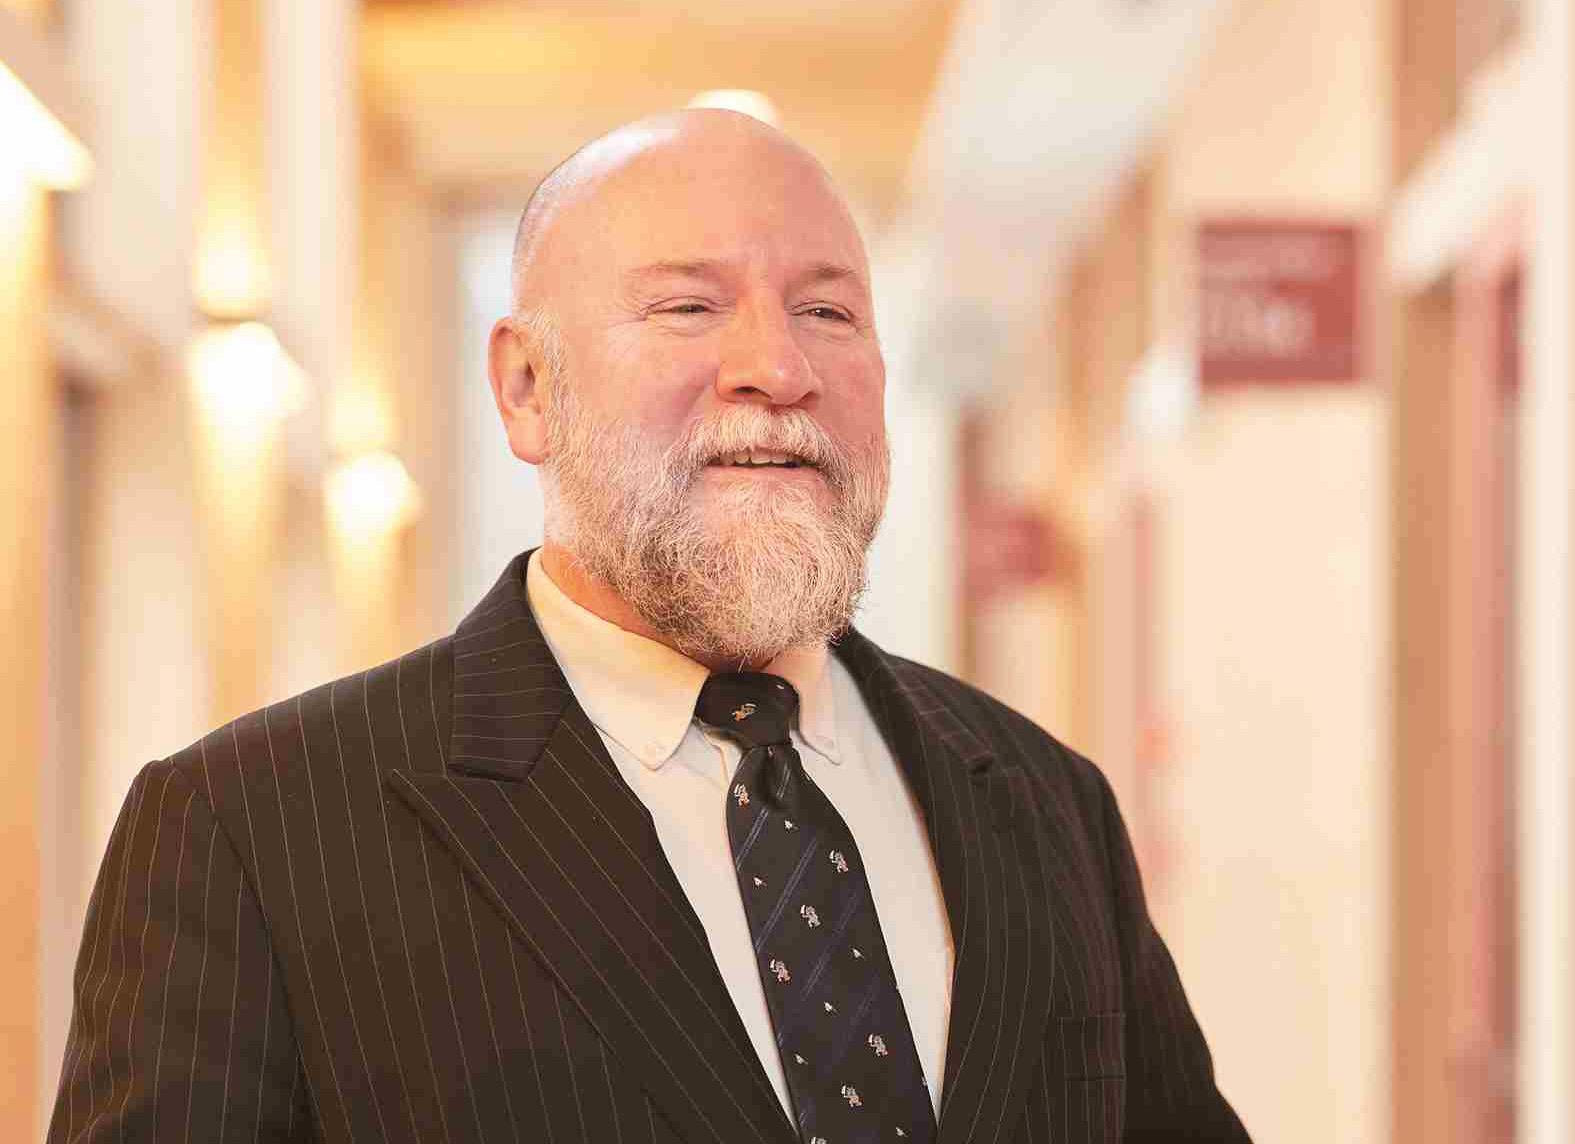 パトリック・ドーティ英語集中プログラム・外国語教育代表の写真